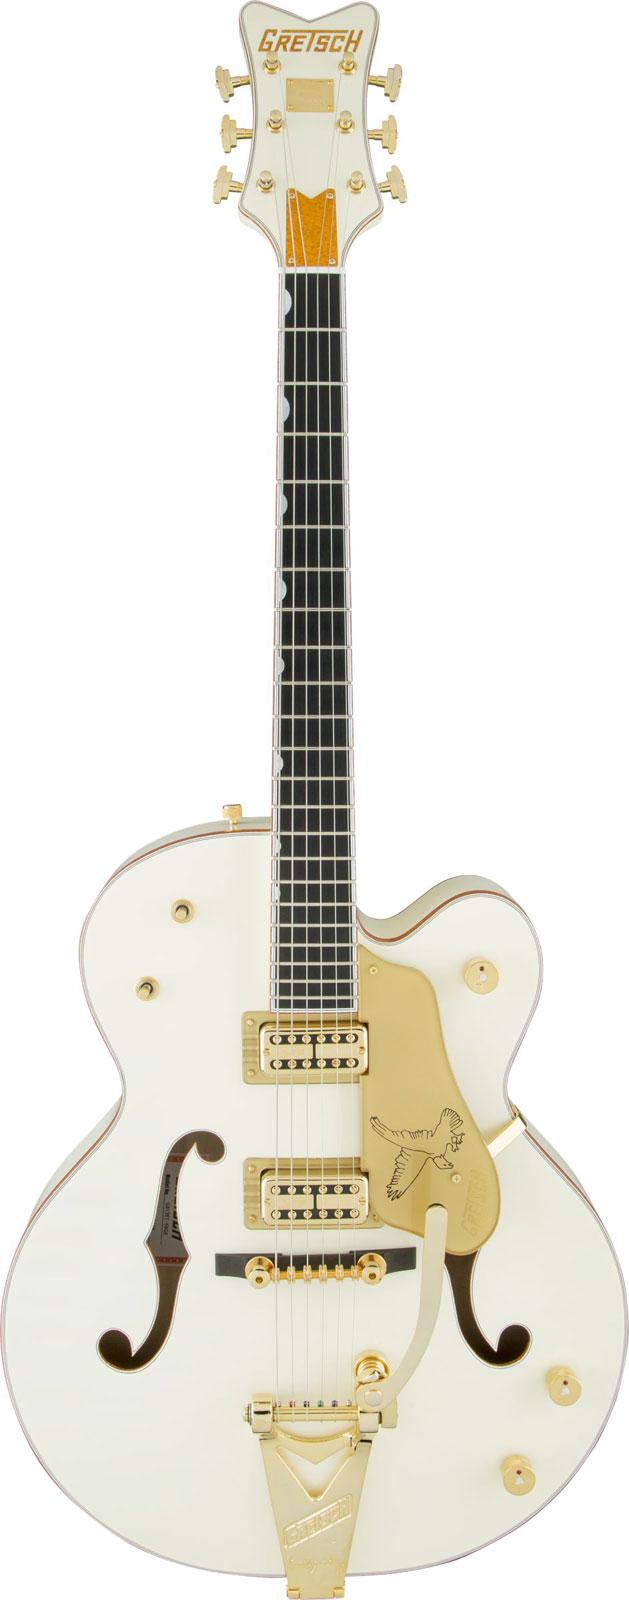 Gretsch G6136t-59ge Golden Era White Falcon Bigsby + Etui